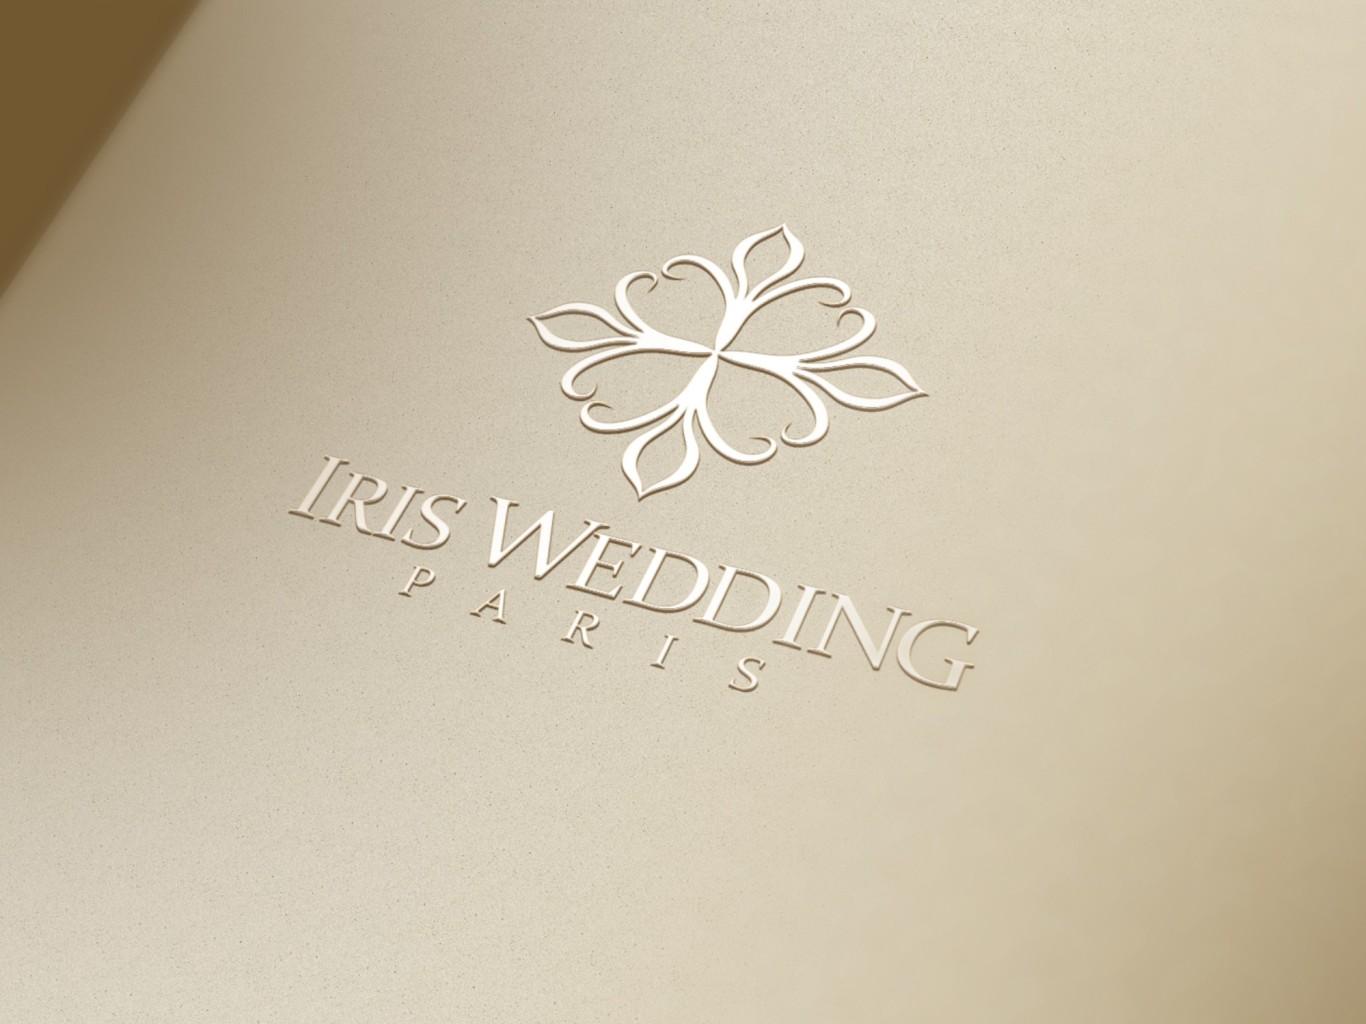 婚纱店标志图1